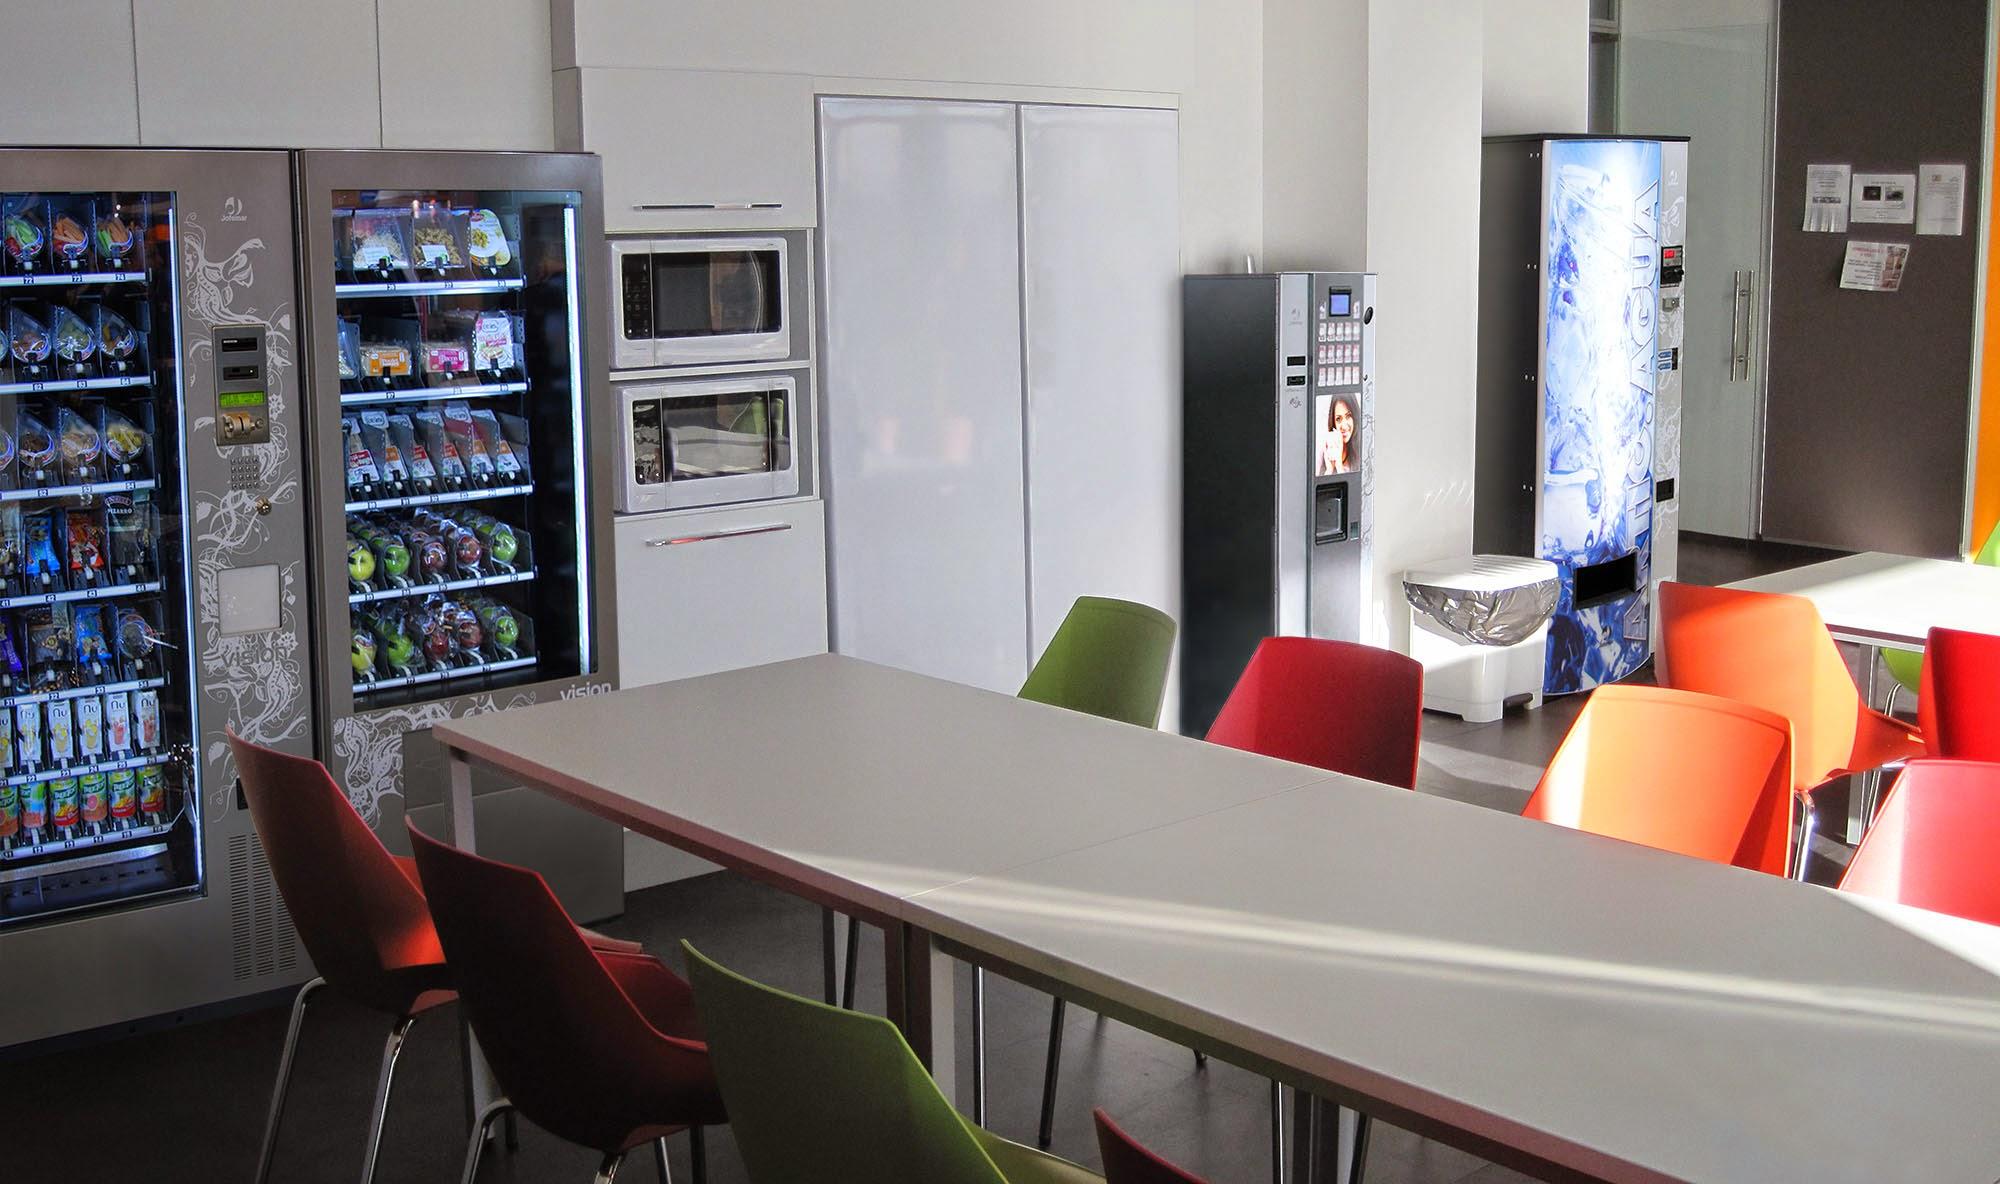 Estudios ha demostrado la utilidad de promover la salud en los lugares de trabajo.